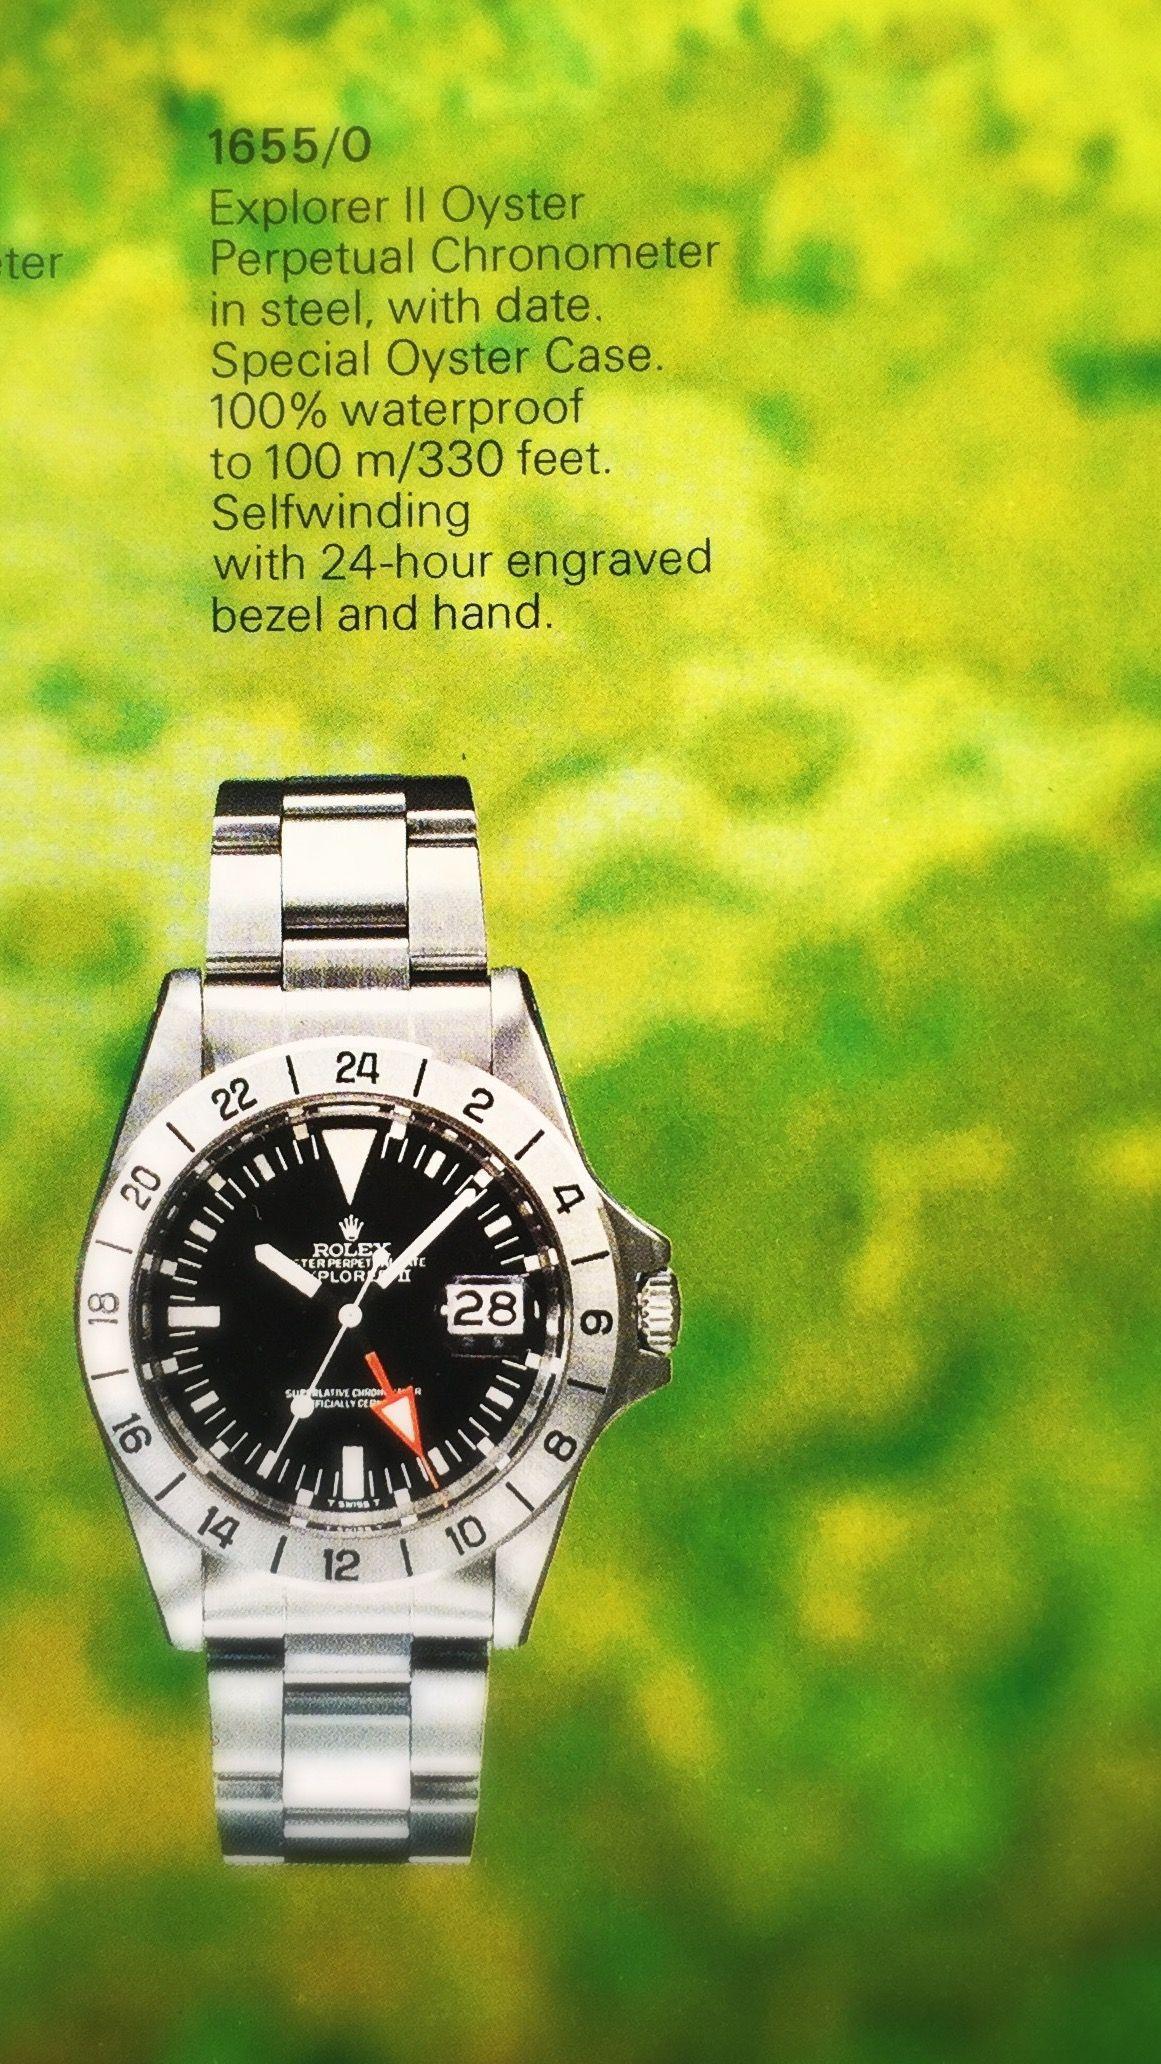 As advertised in 1976.